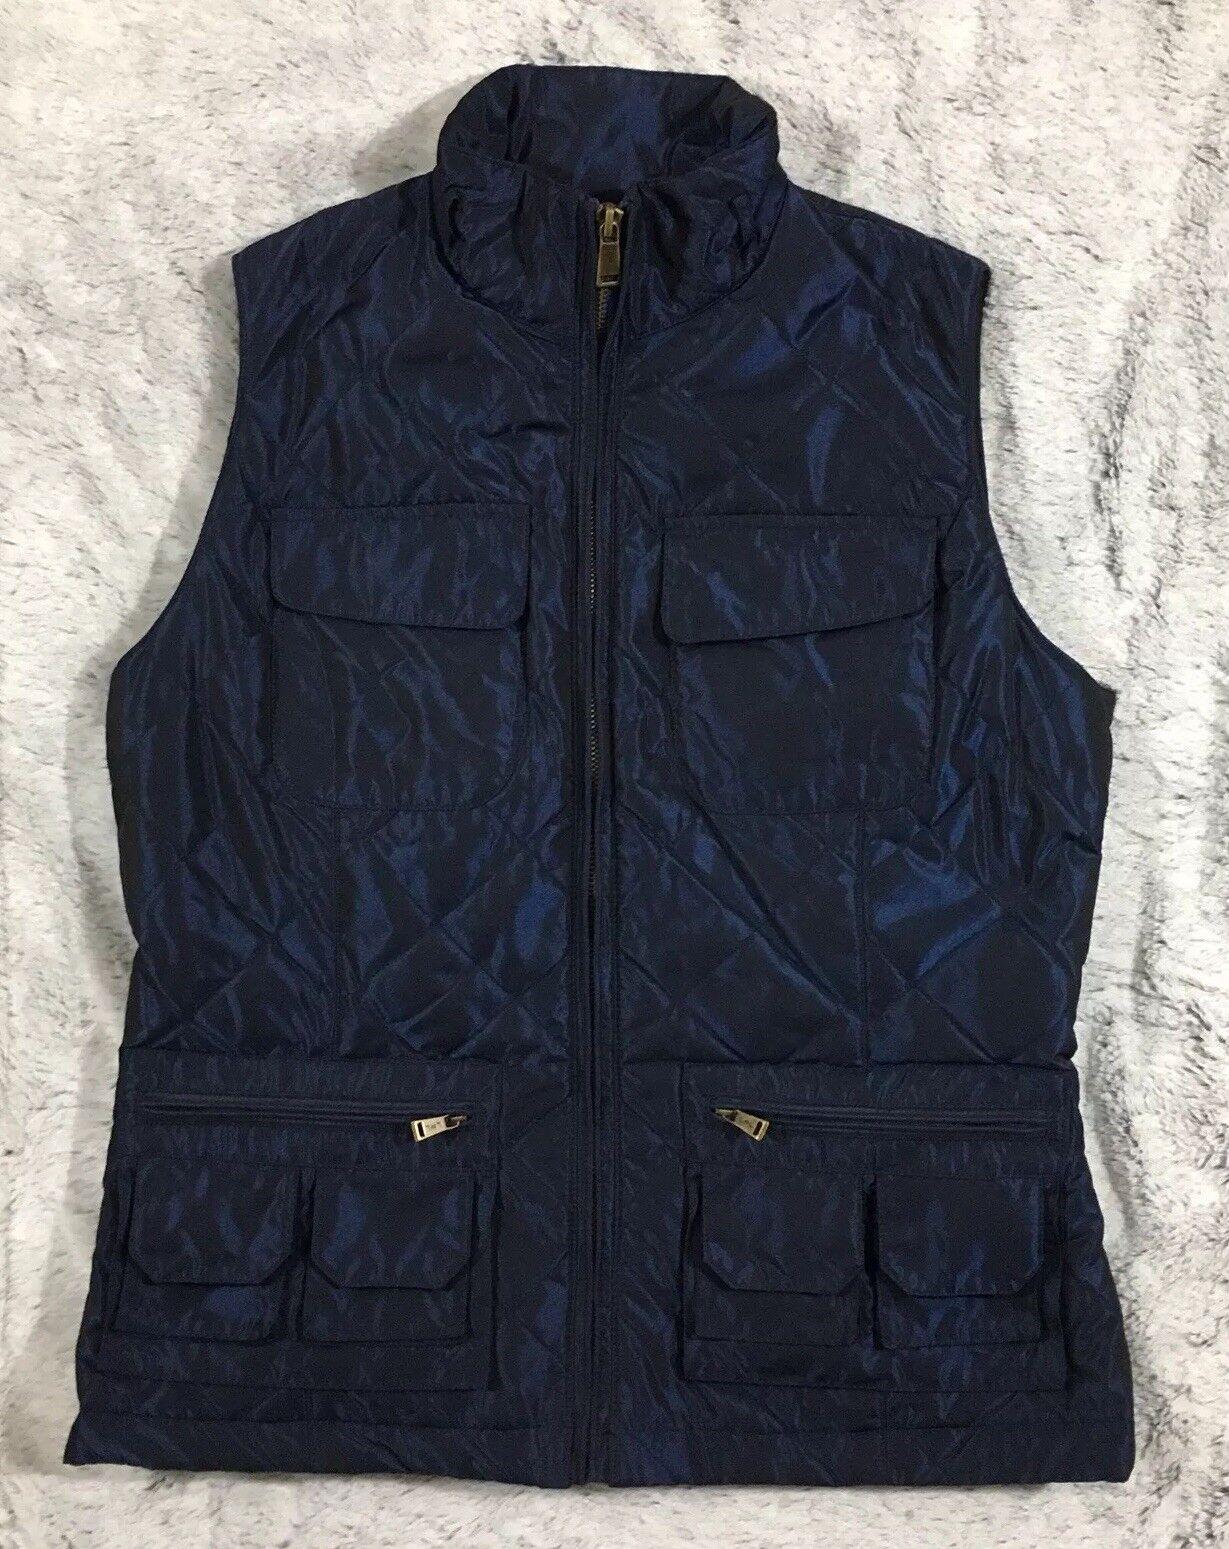 Lauren Ralph Lauren bluee Diamond Quilted Vest, Small, EUC (131)